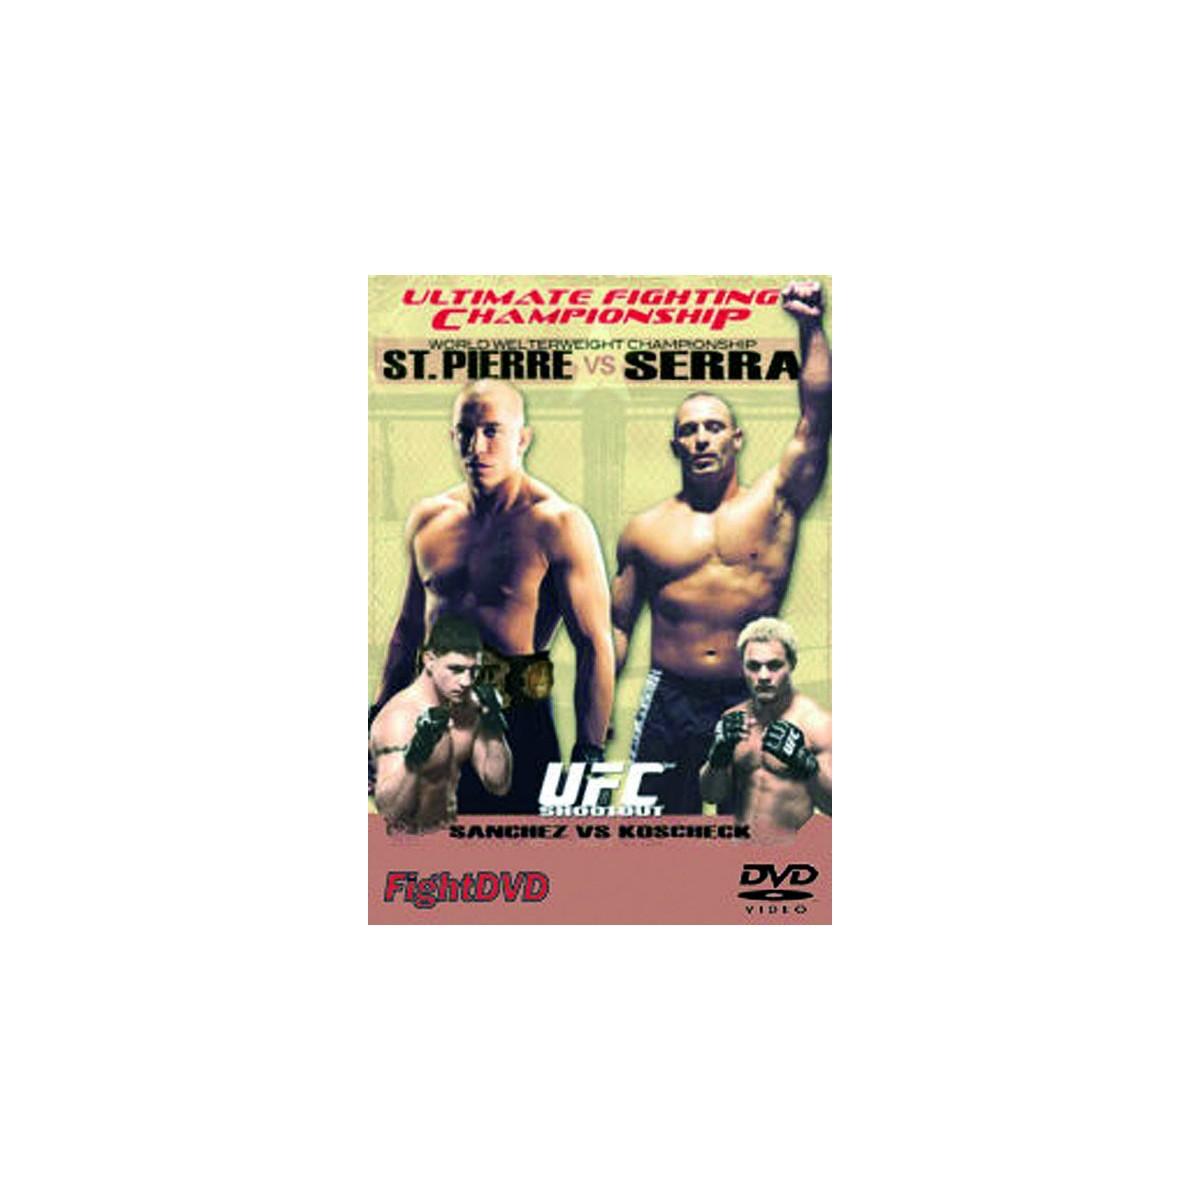 the ultimate fighting championship Ultimate fighting championship, viết tắt ufc (tạm dịch là giải vô địch đối kháng đỉnh cao), là công ty quảng bá mixed martial arts lớn.